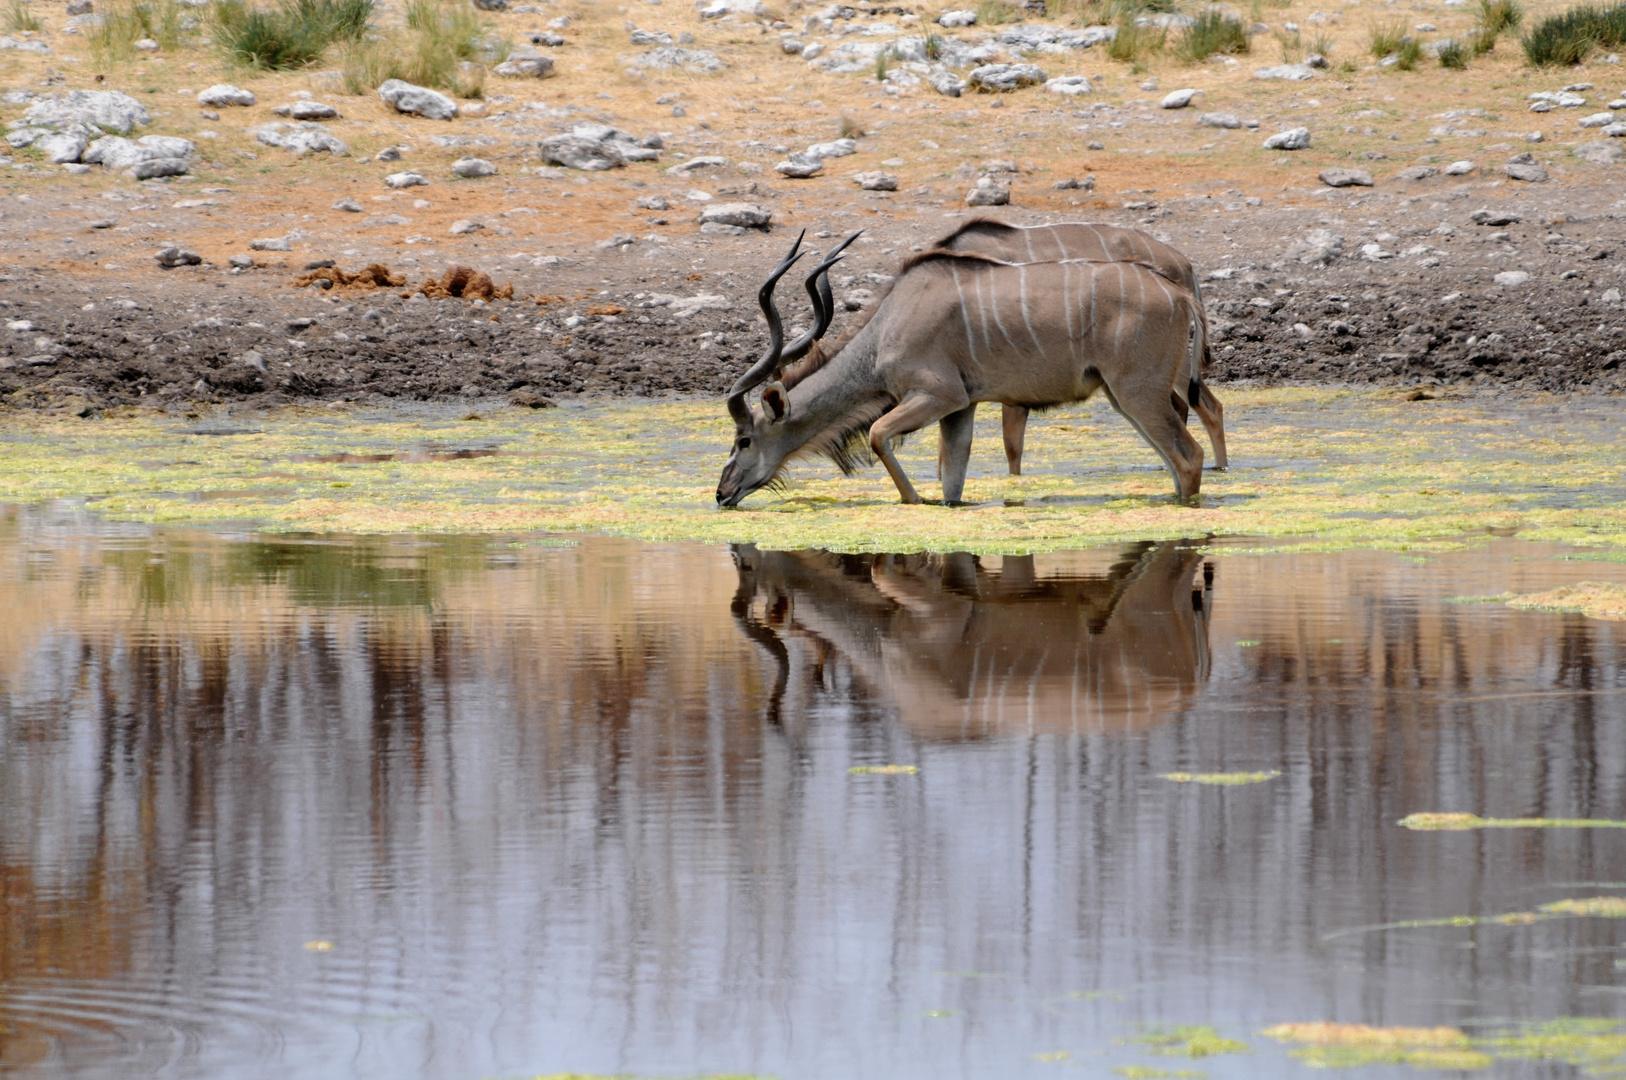 Durst löschen - 2 Kudu's am bzw. im Wasserloch